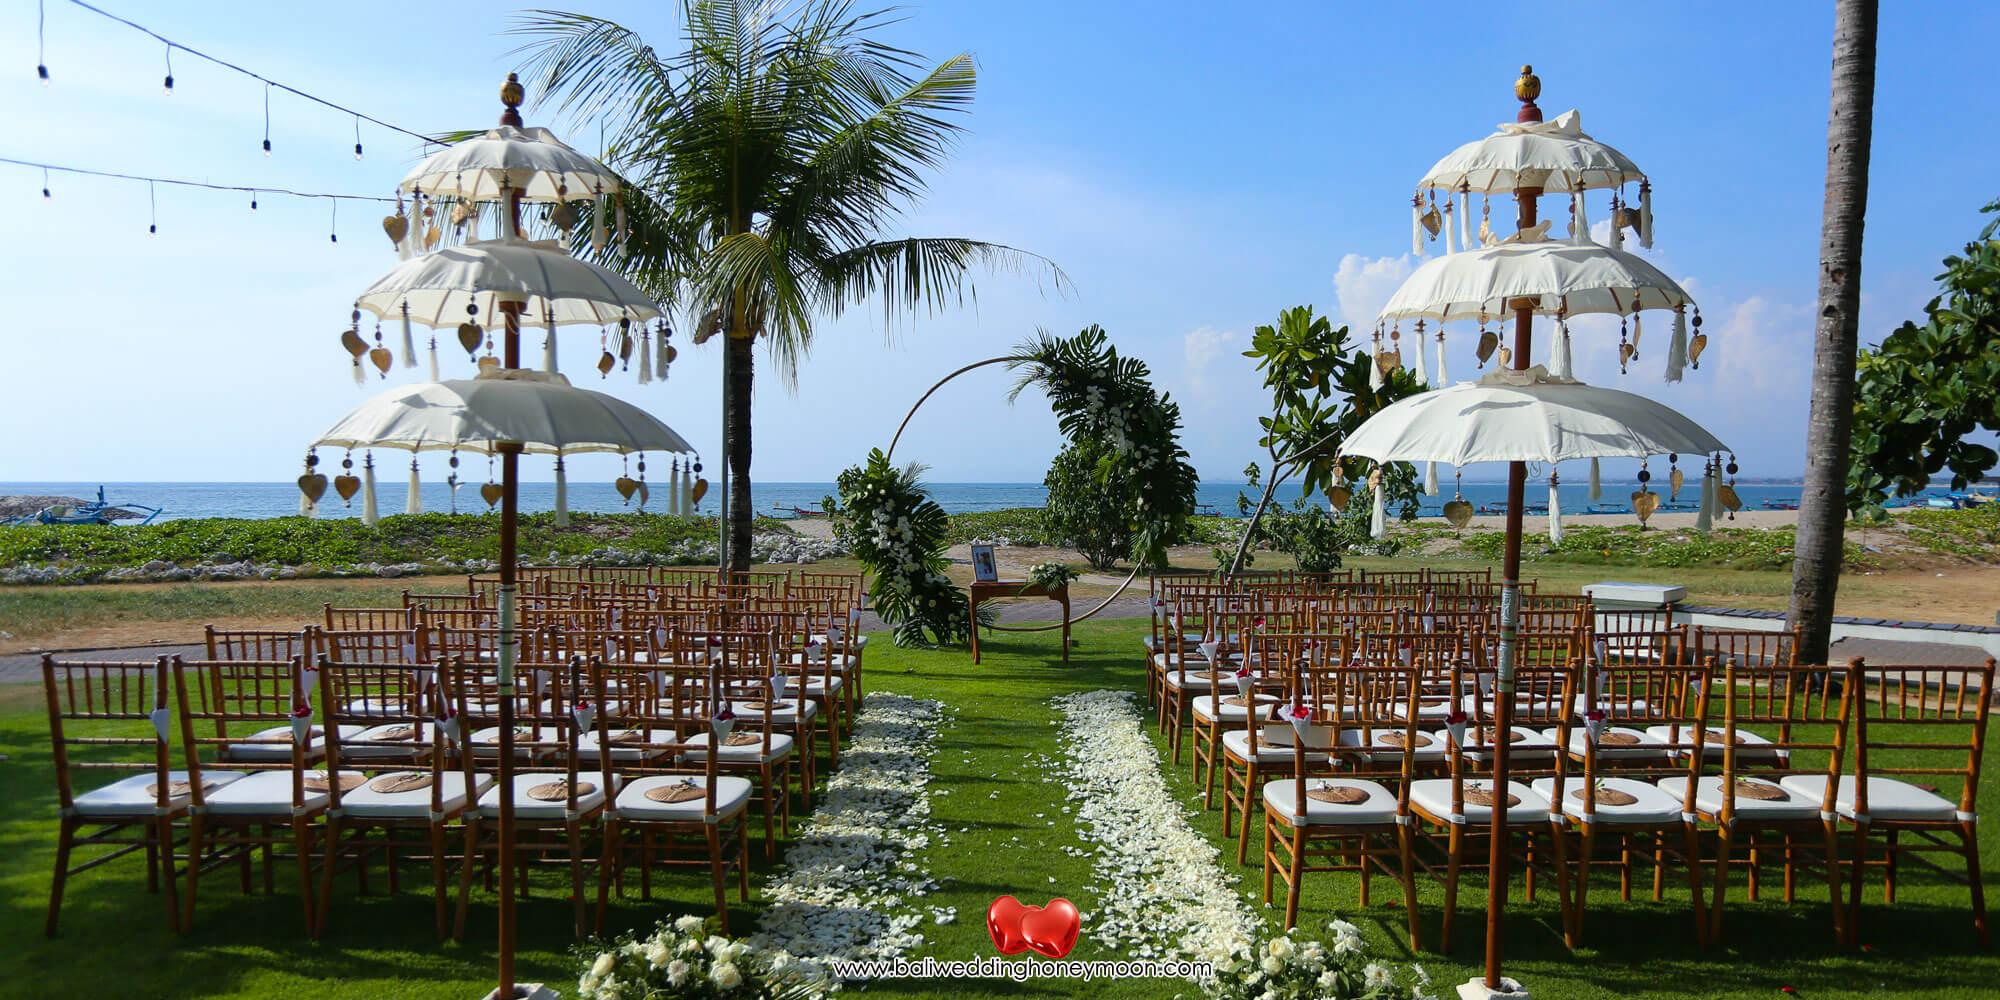 weddingvenuebali-gardenbaliwedding-baliweddinghoneymoon-baliweddingorganizer-baliweddingplanner-baliweddingpackage-holidayinbarunabali11